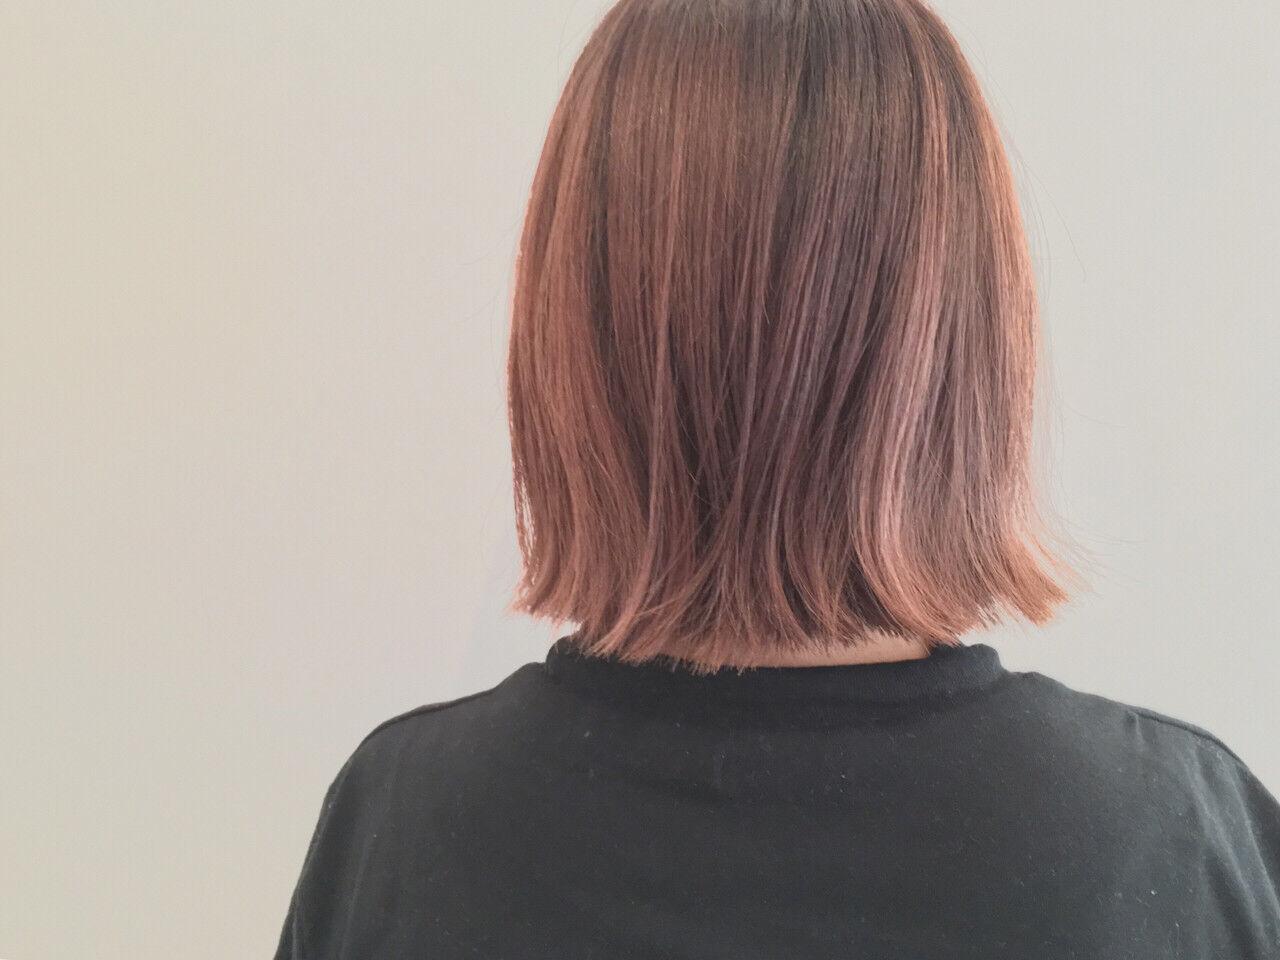 グラデーションカラー ボブ 暗髪 ハイライトヘアスタイルや髪型の写真・画像